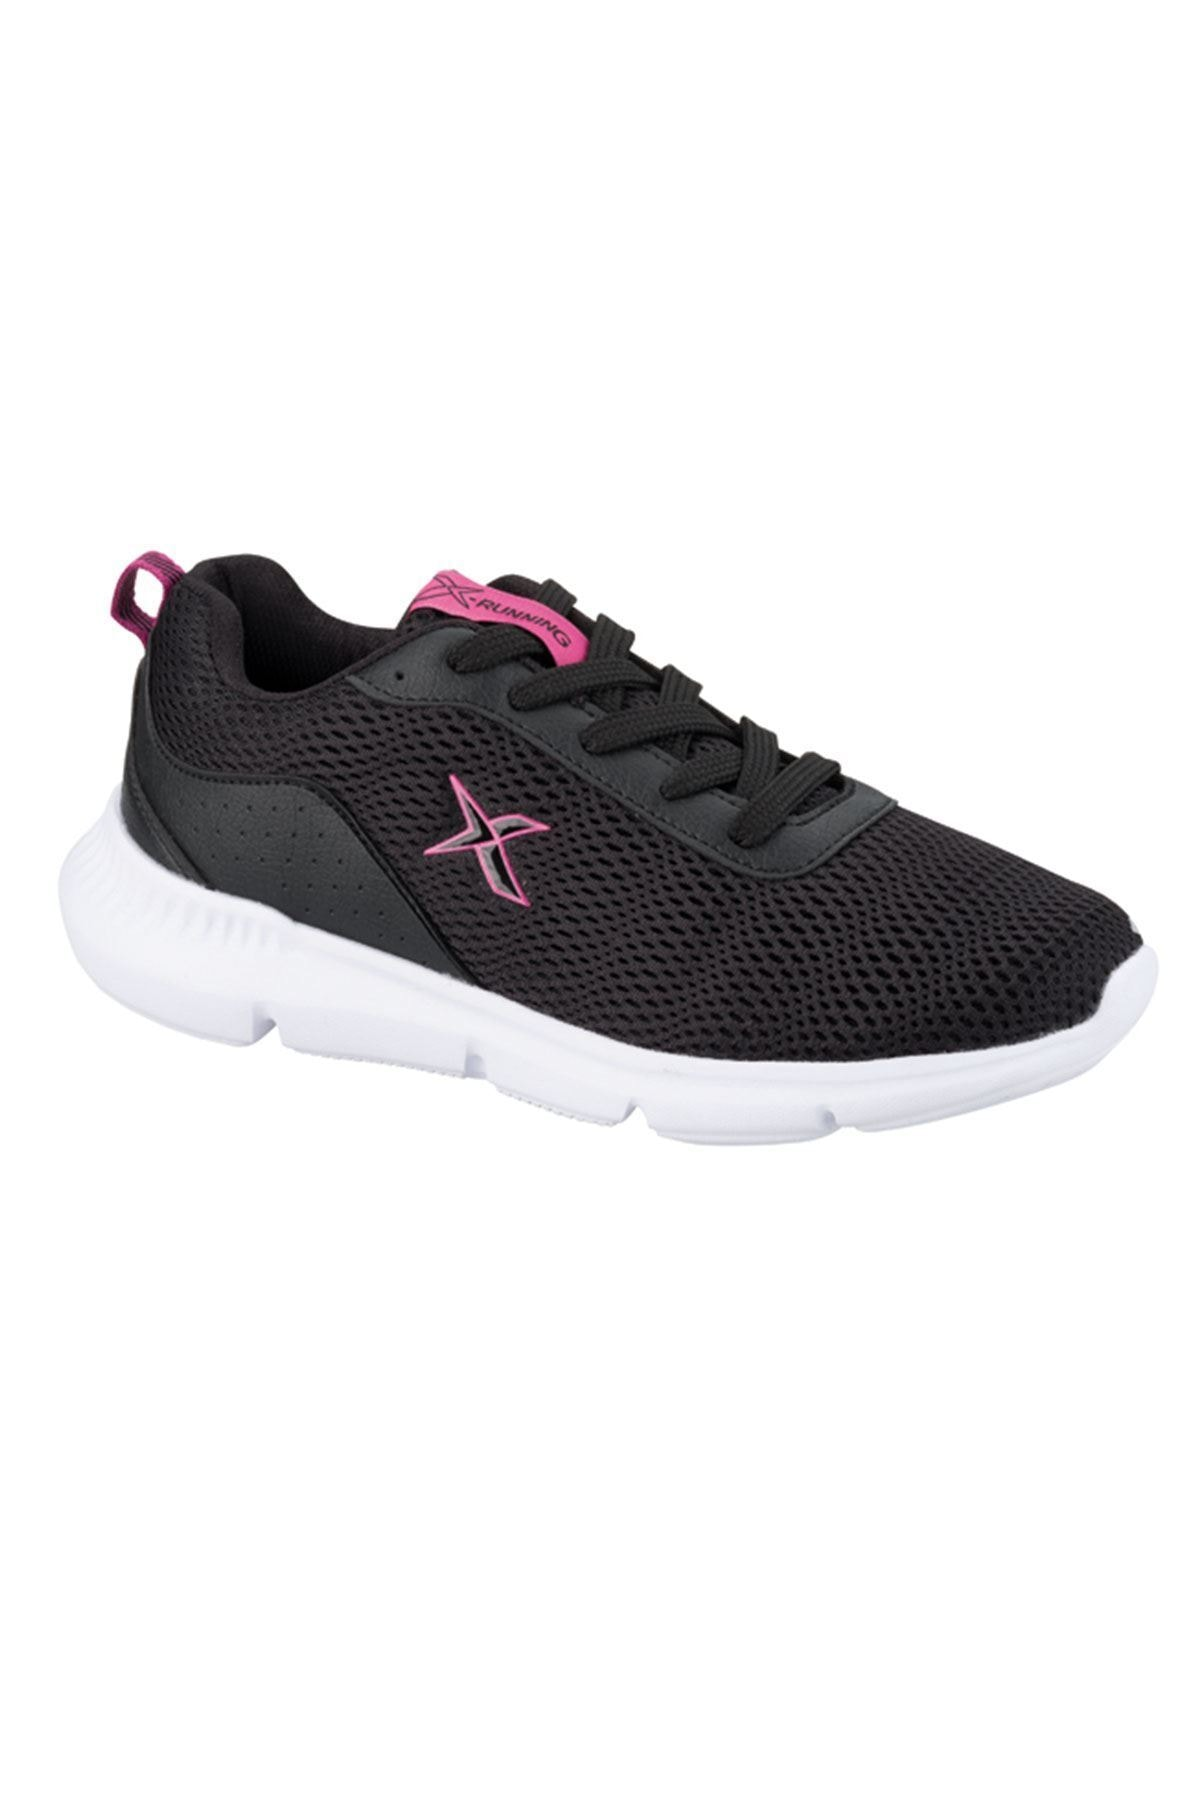 MOTER W 1FX Siyah Kadın Comfort Ayakkabı 100785936